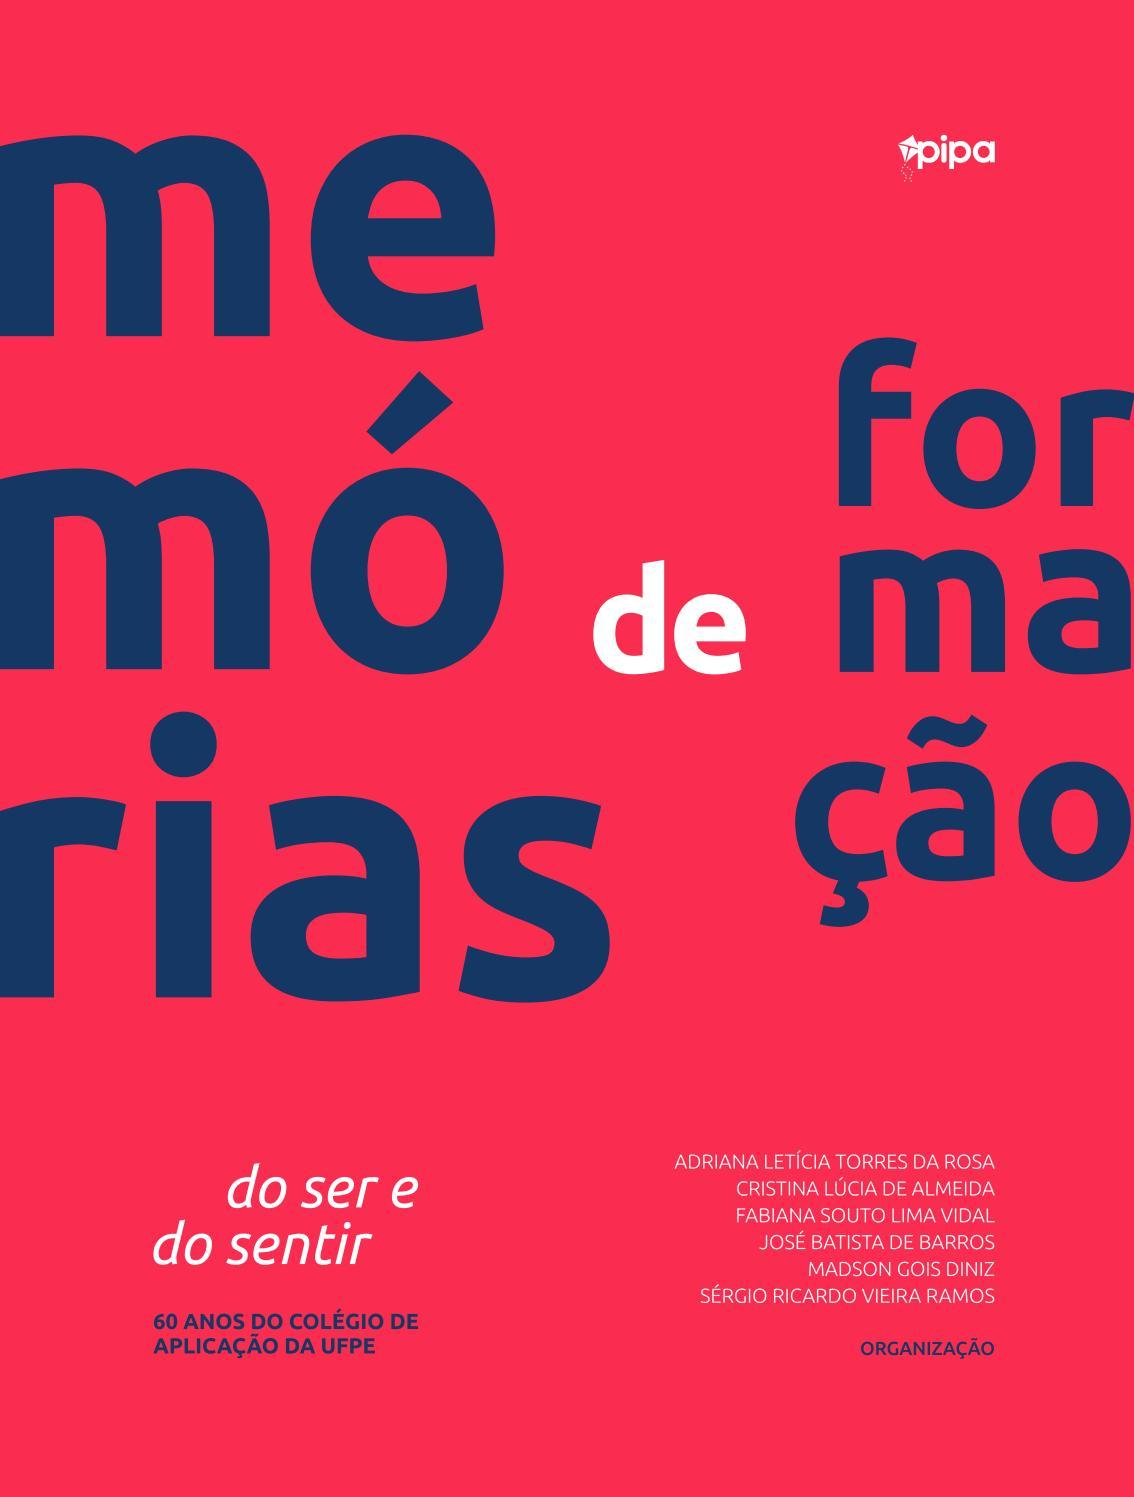 Memórias de formação  do ser e do sentir by Pipa Comunicação Editorial -  issuu 76ee4fa5fbd